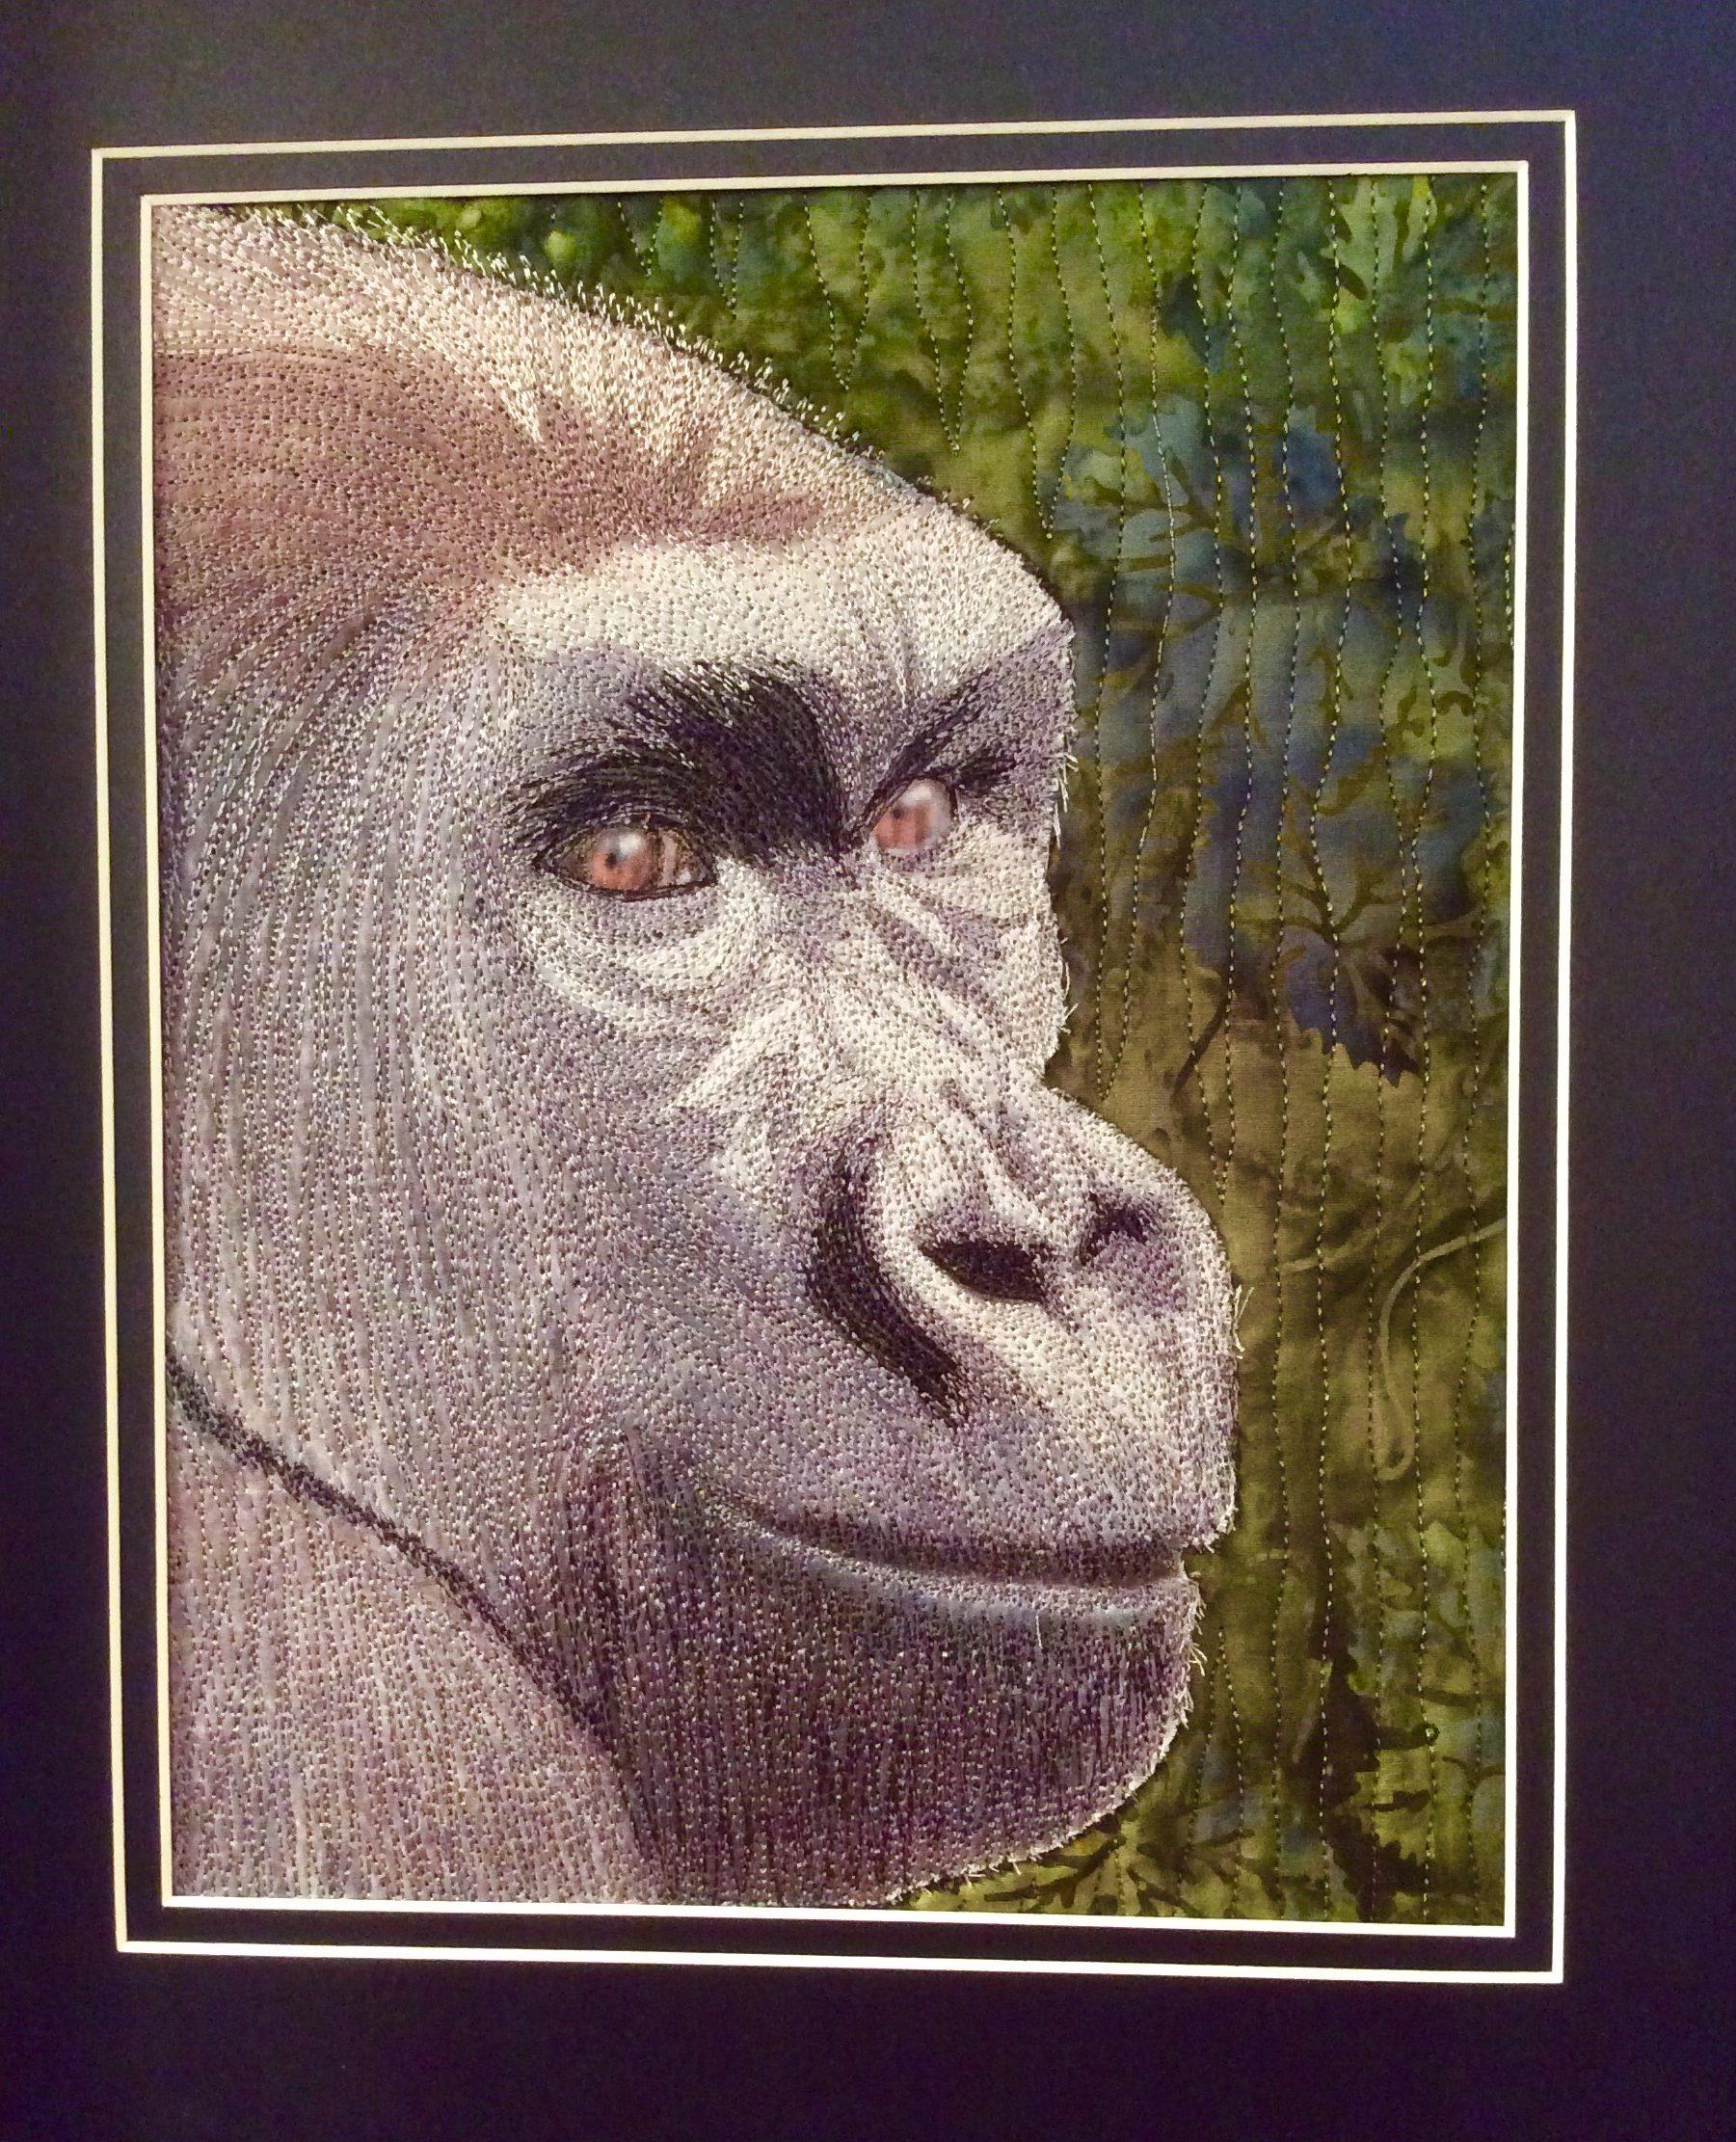 Gorilla by Teresa Schlabach